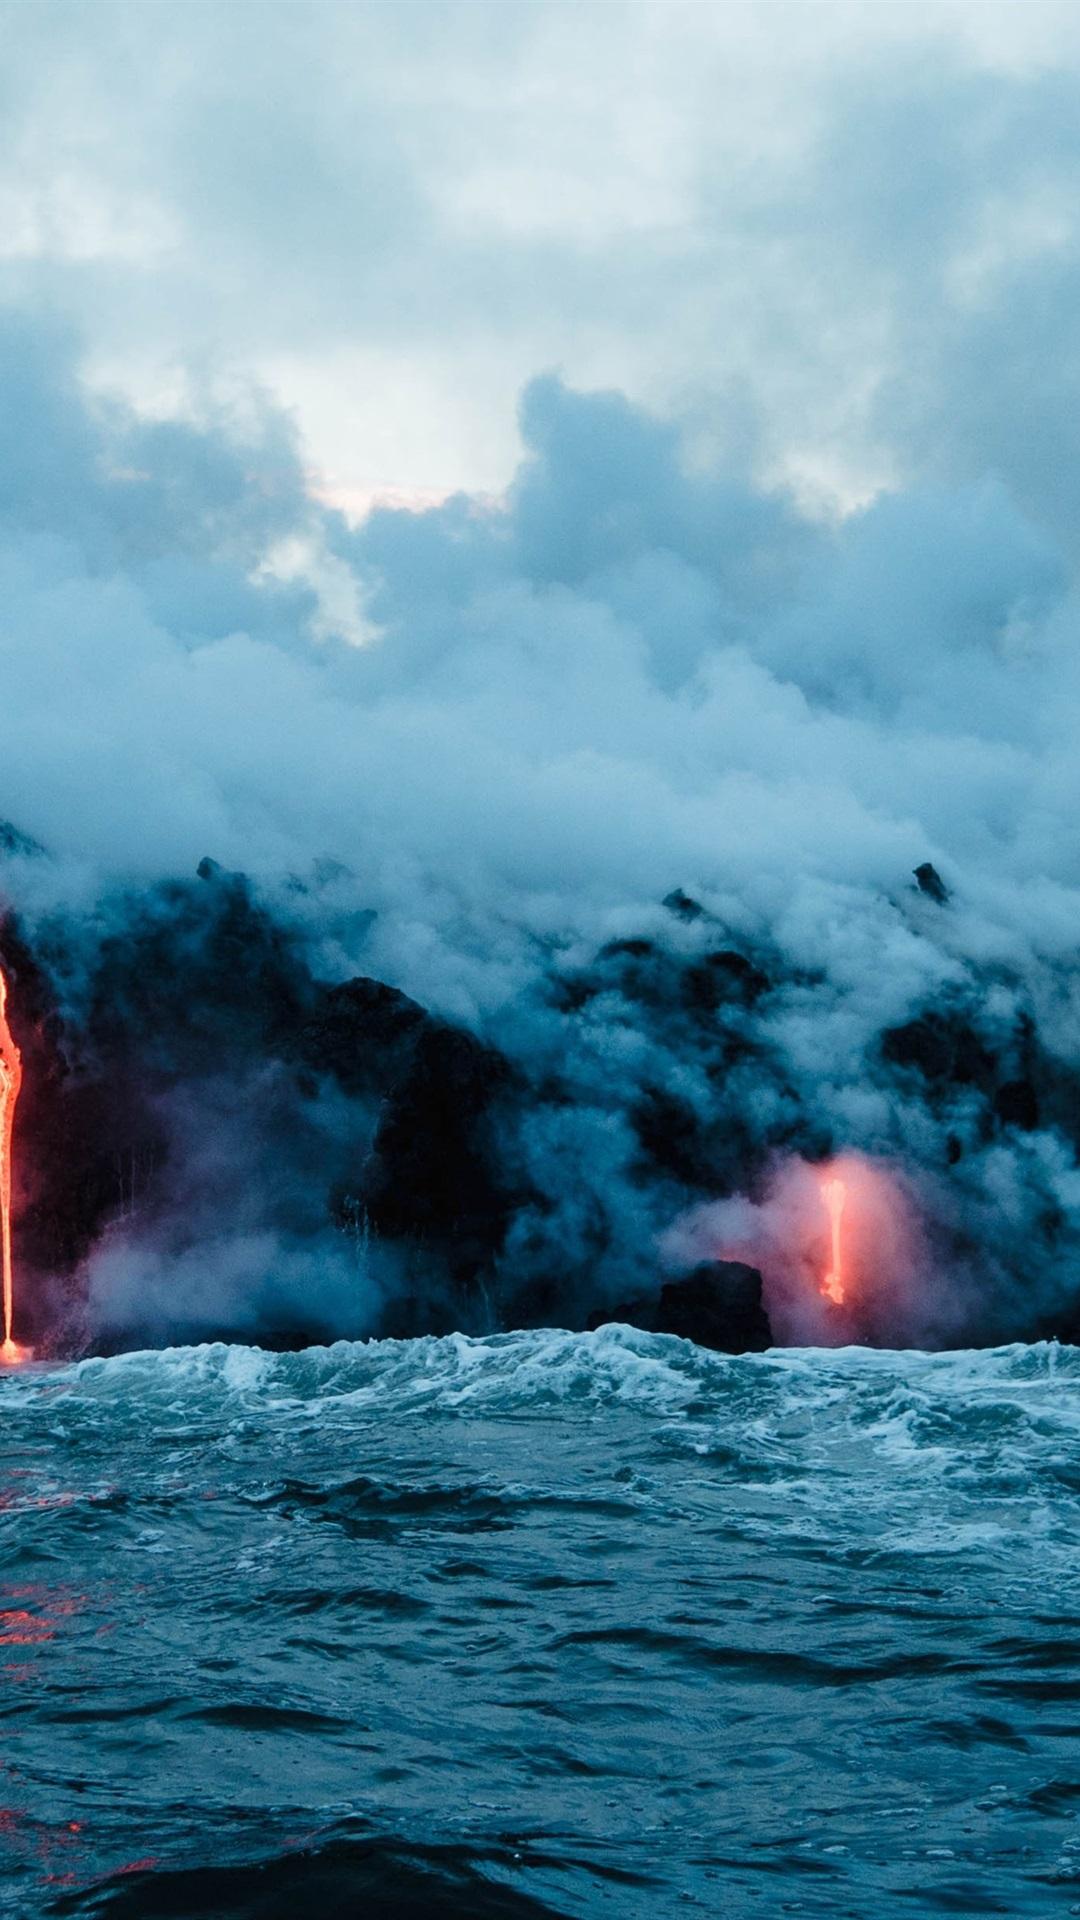 Volcano Lava Sea Smoke Nature Landscape 1080x1920 Iphone 8 7 6 6s Plus Wallpaper Background Picture Image